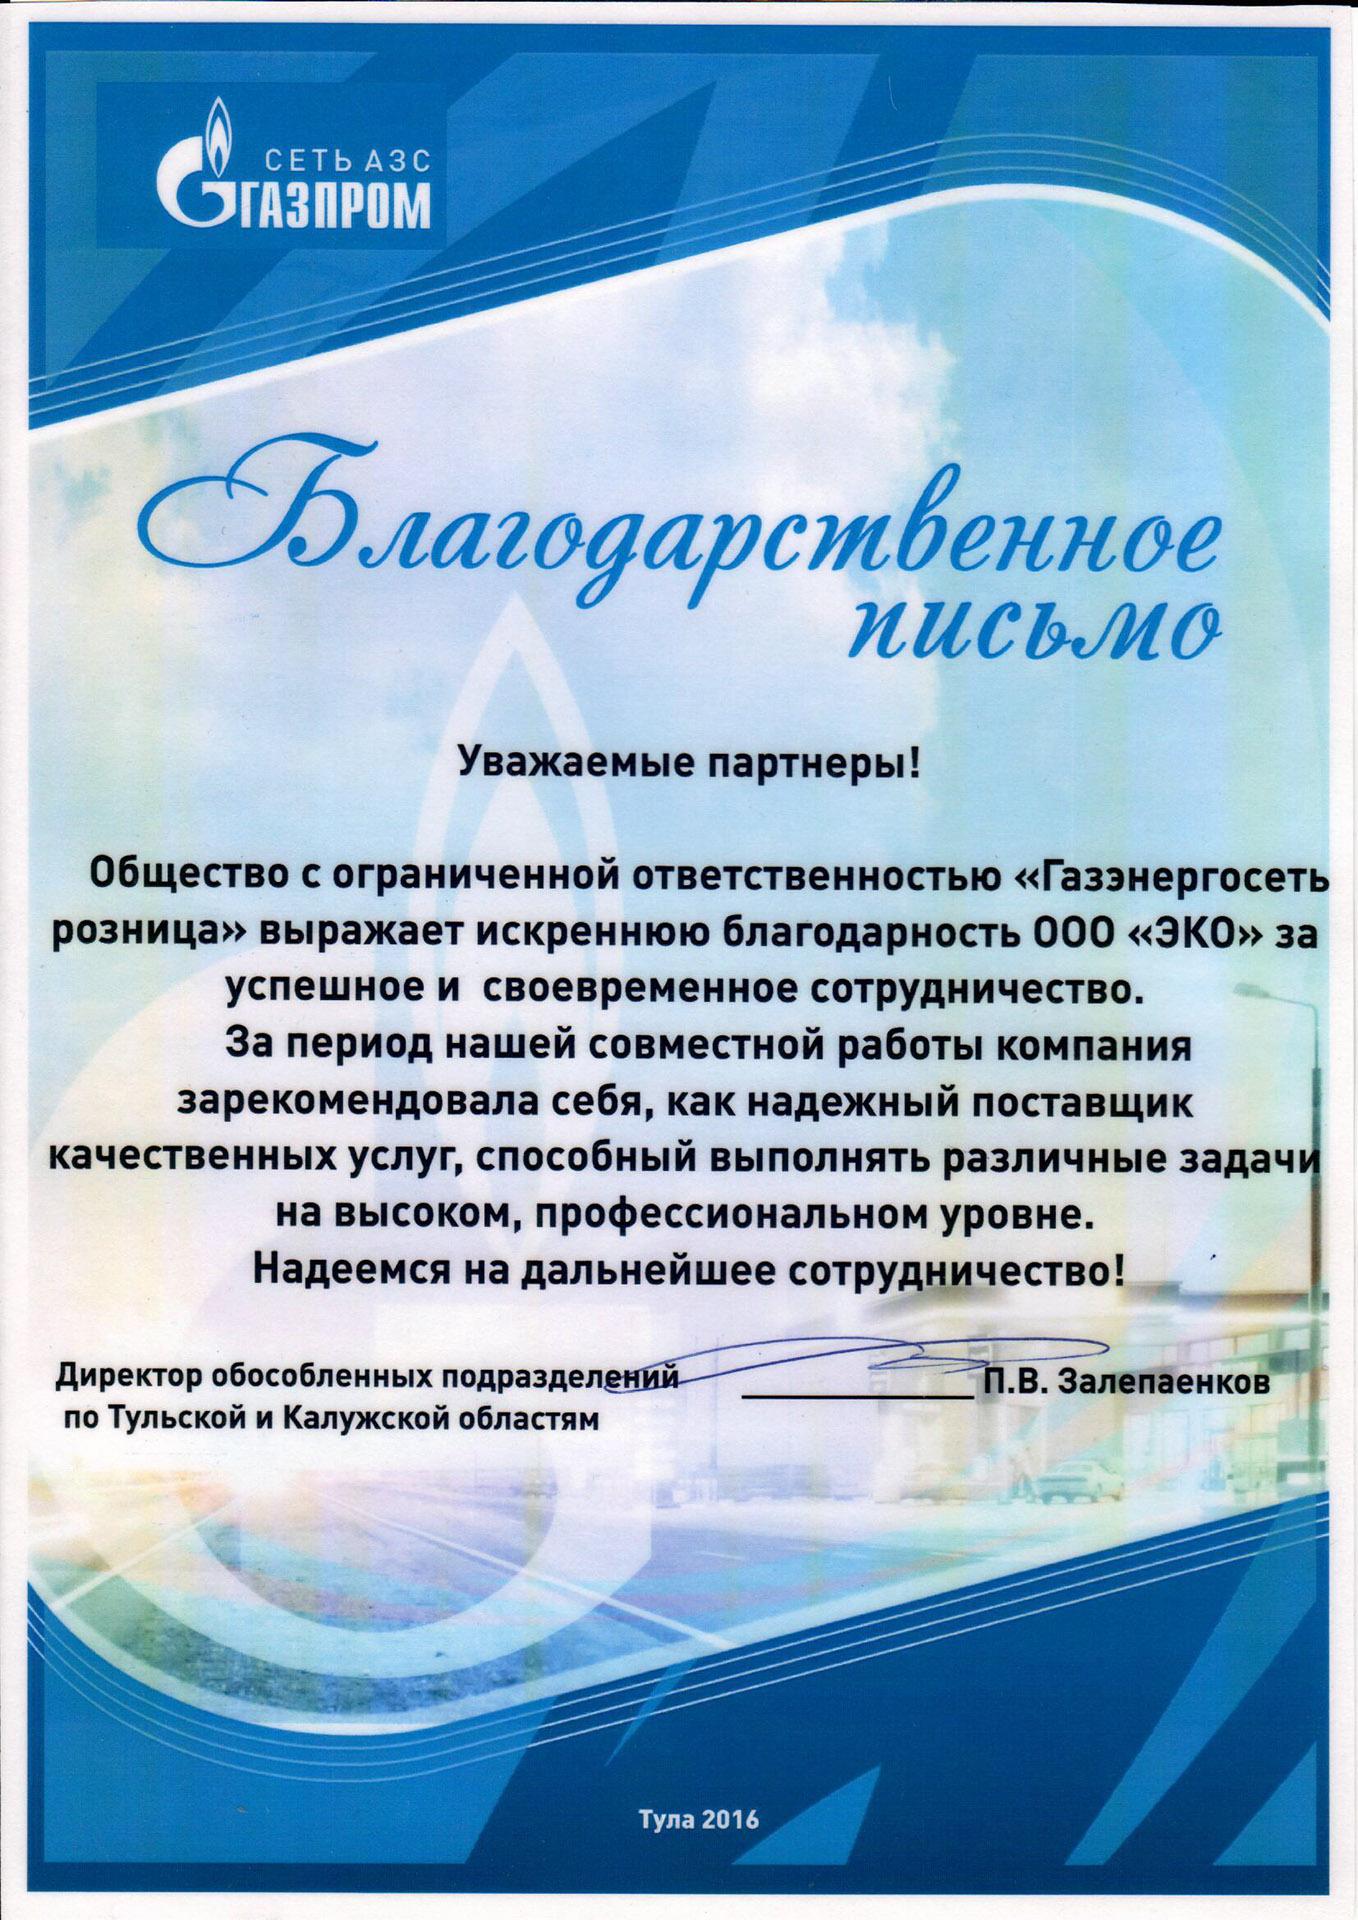 Благодарность ООО ЭКО от АЗС ГАЗПРОМ